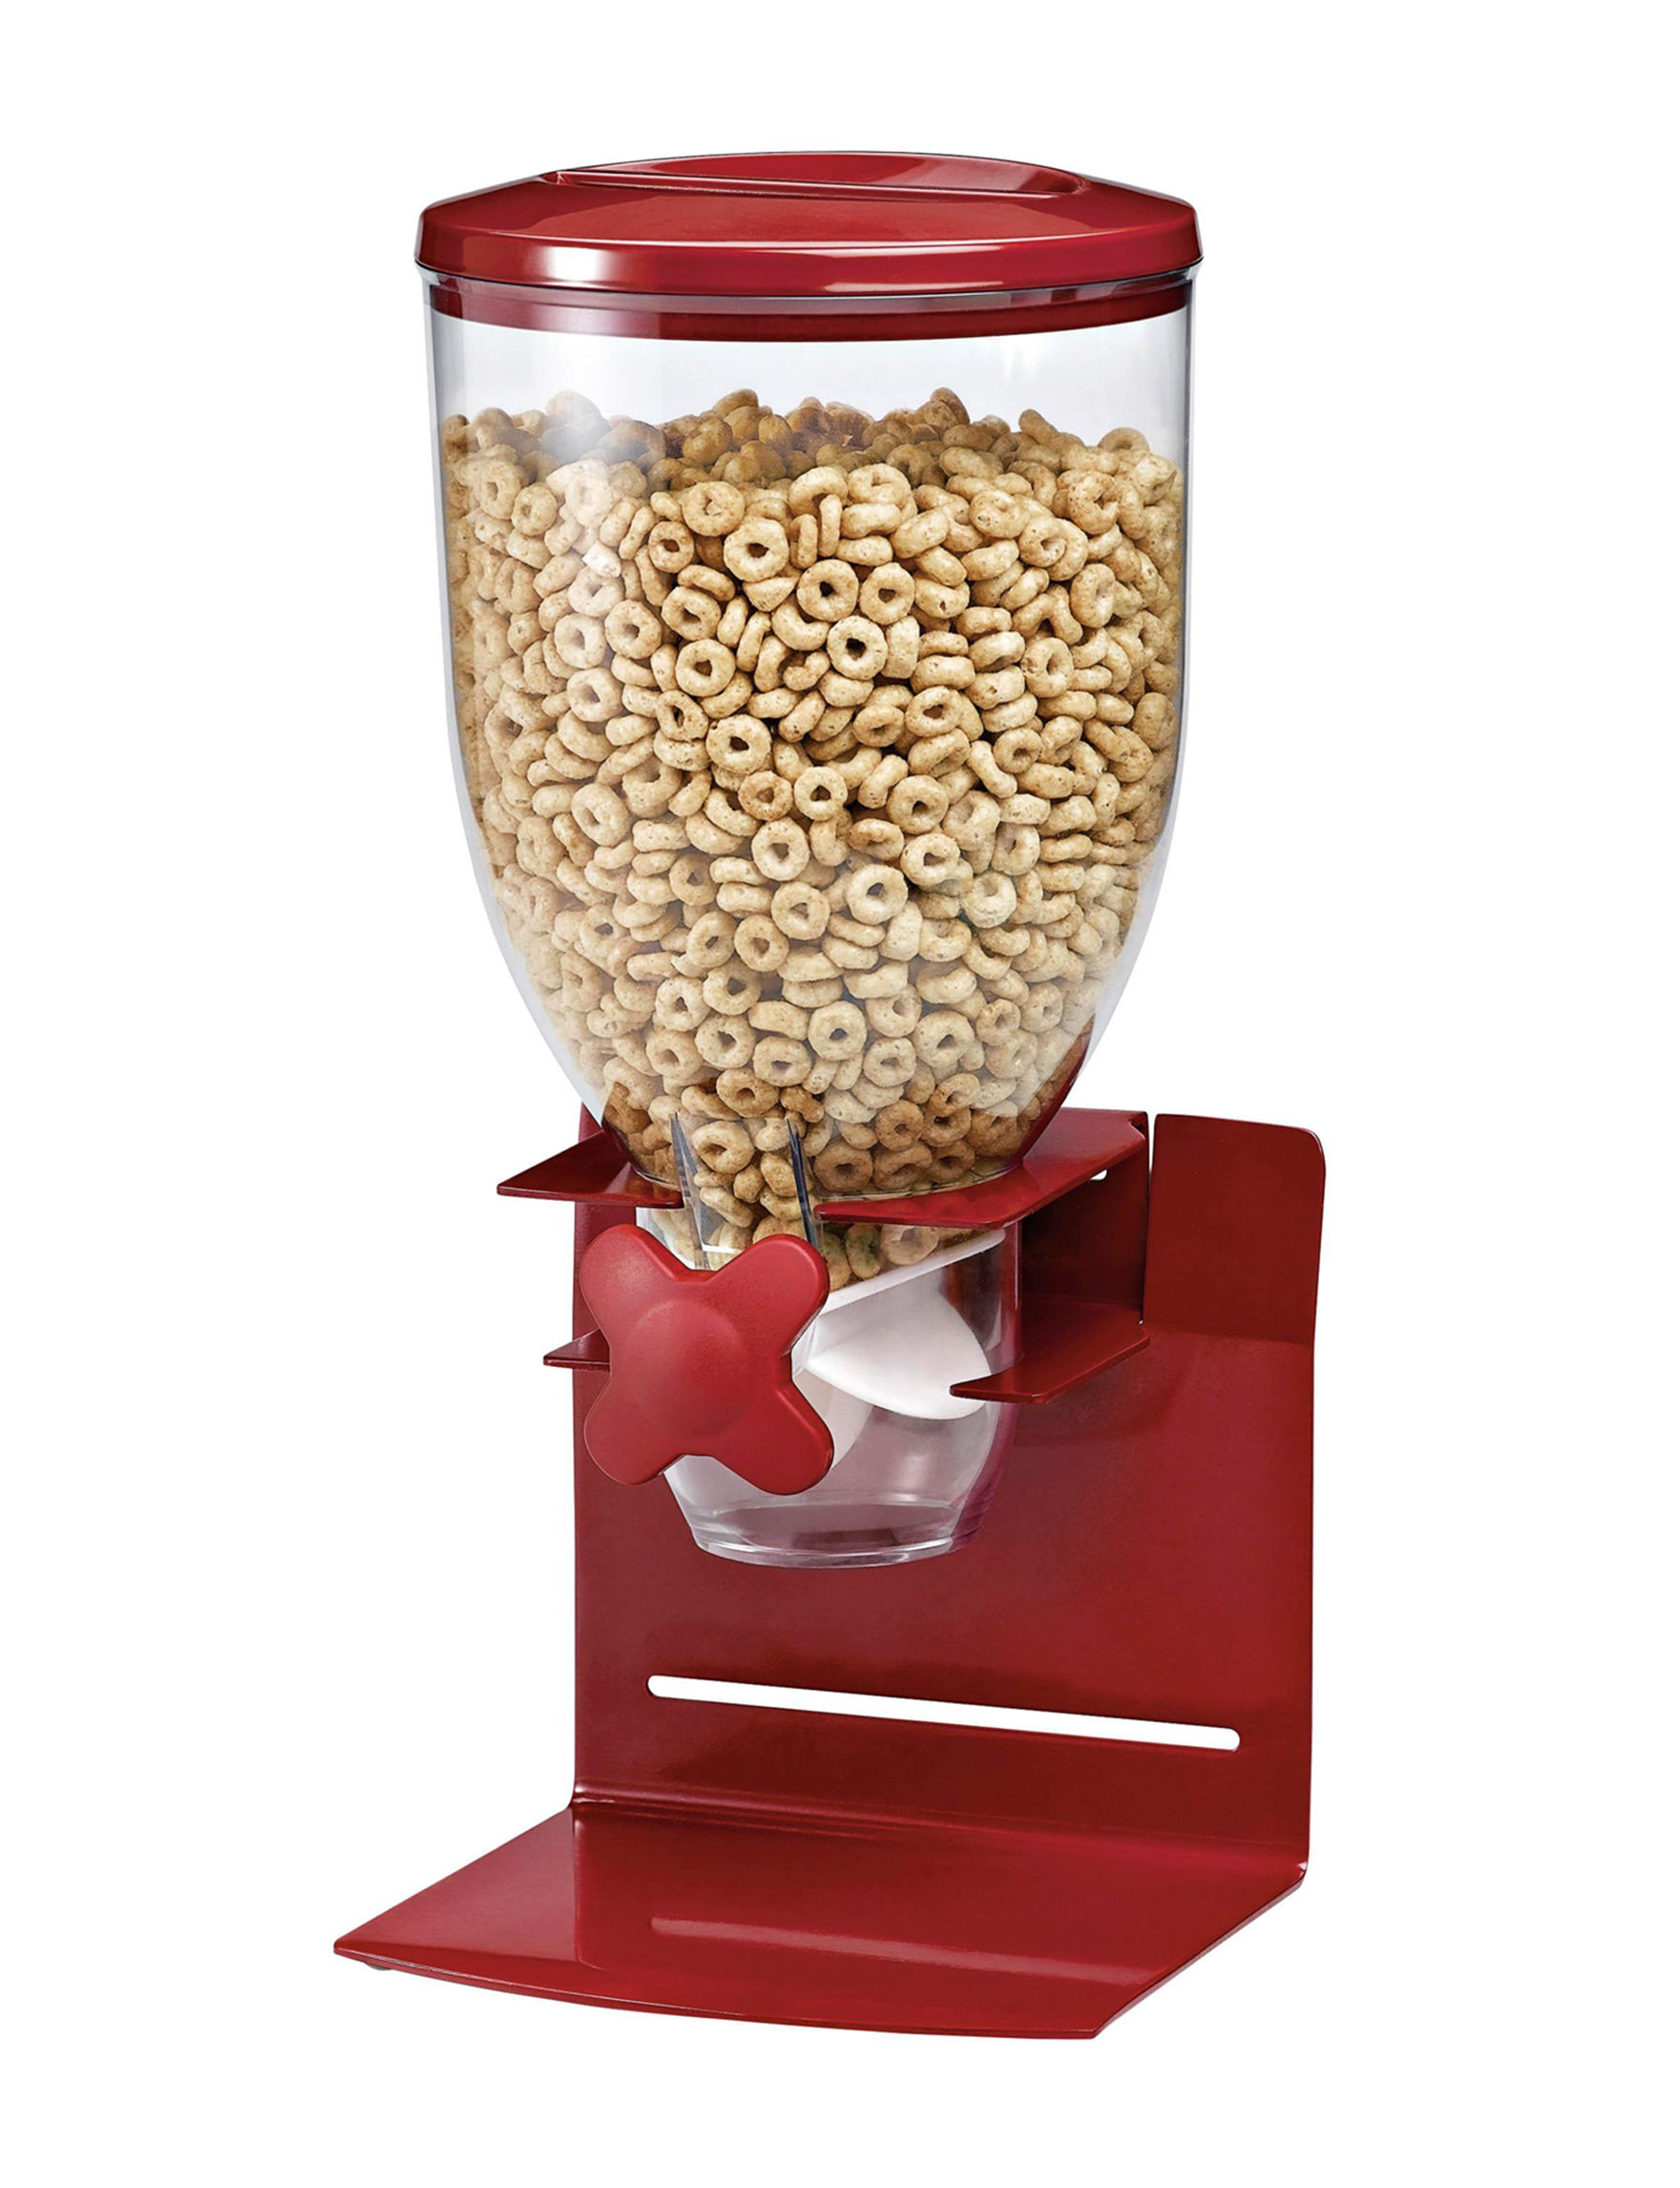 Honey-Can-Do International Red Food Storage Kitchen Storage & Organization